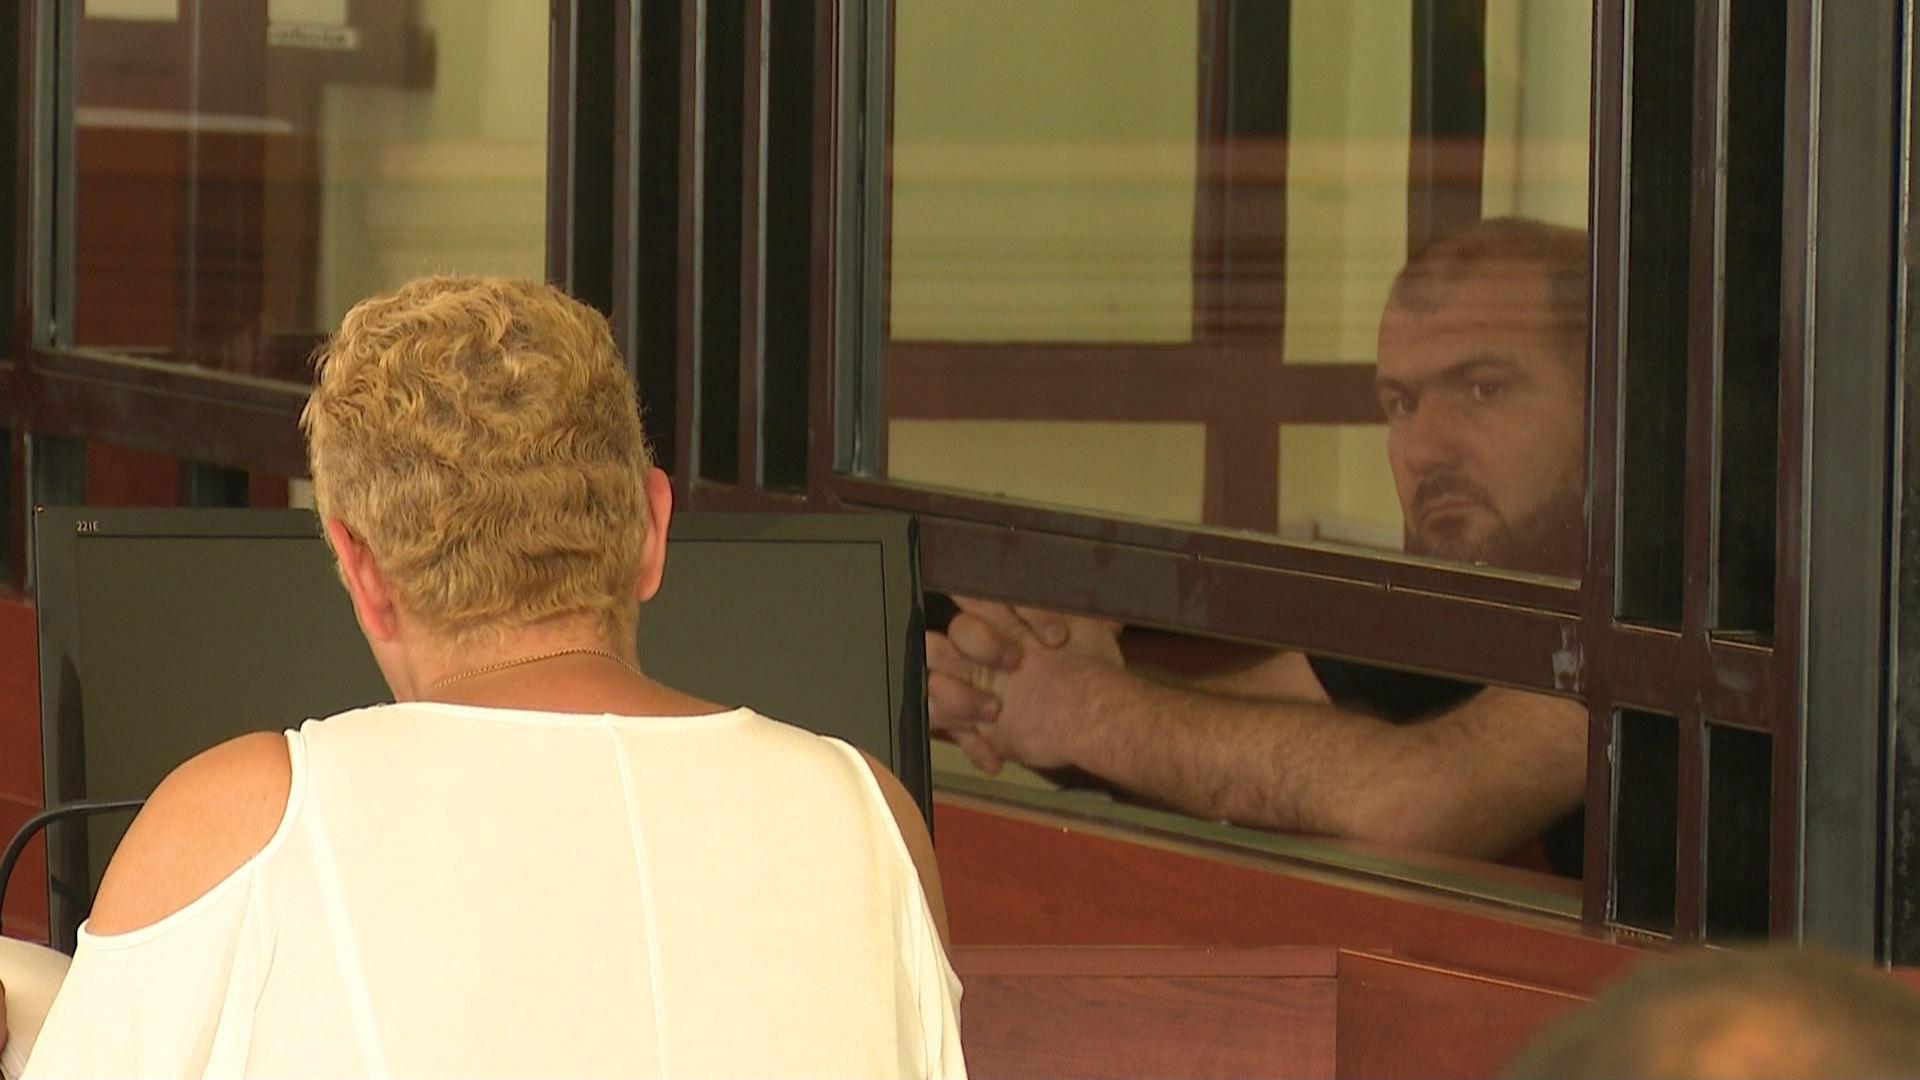 ყოფილი პოლიციელი პატიმრობიდან გირაოს სანაცვლოდ გათავისუფლდა